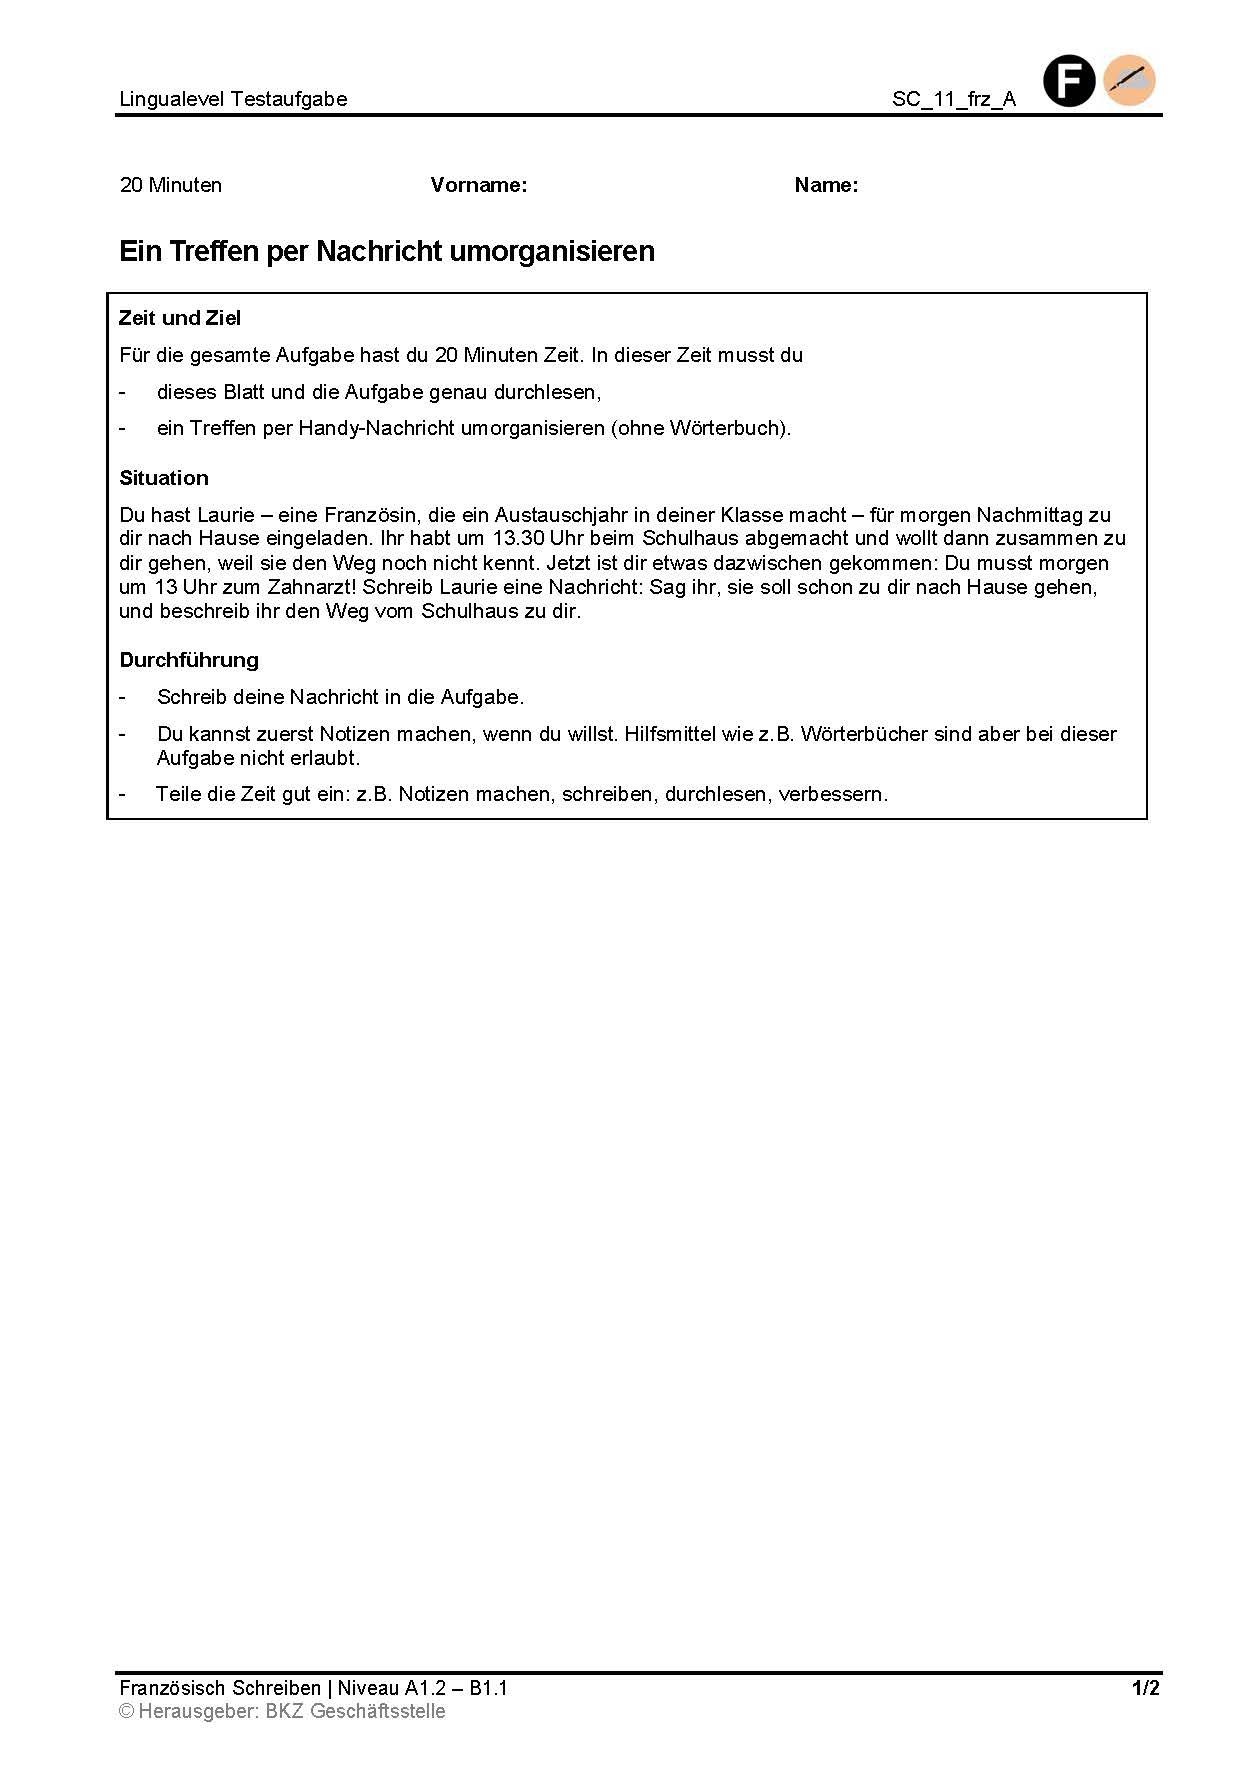 Preview image for LOM object Ein Treffen per Nachricht umorganisieren